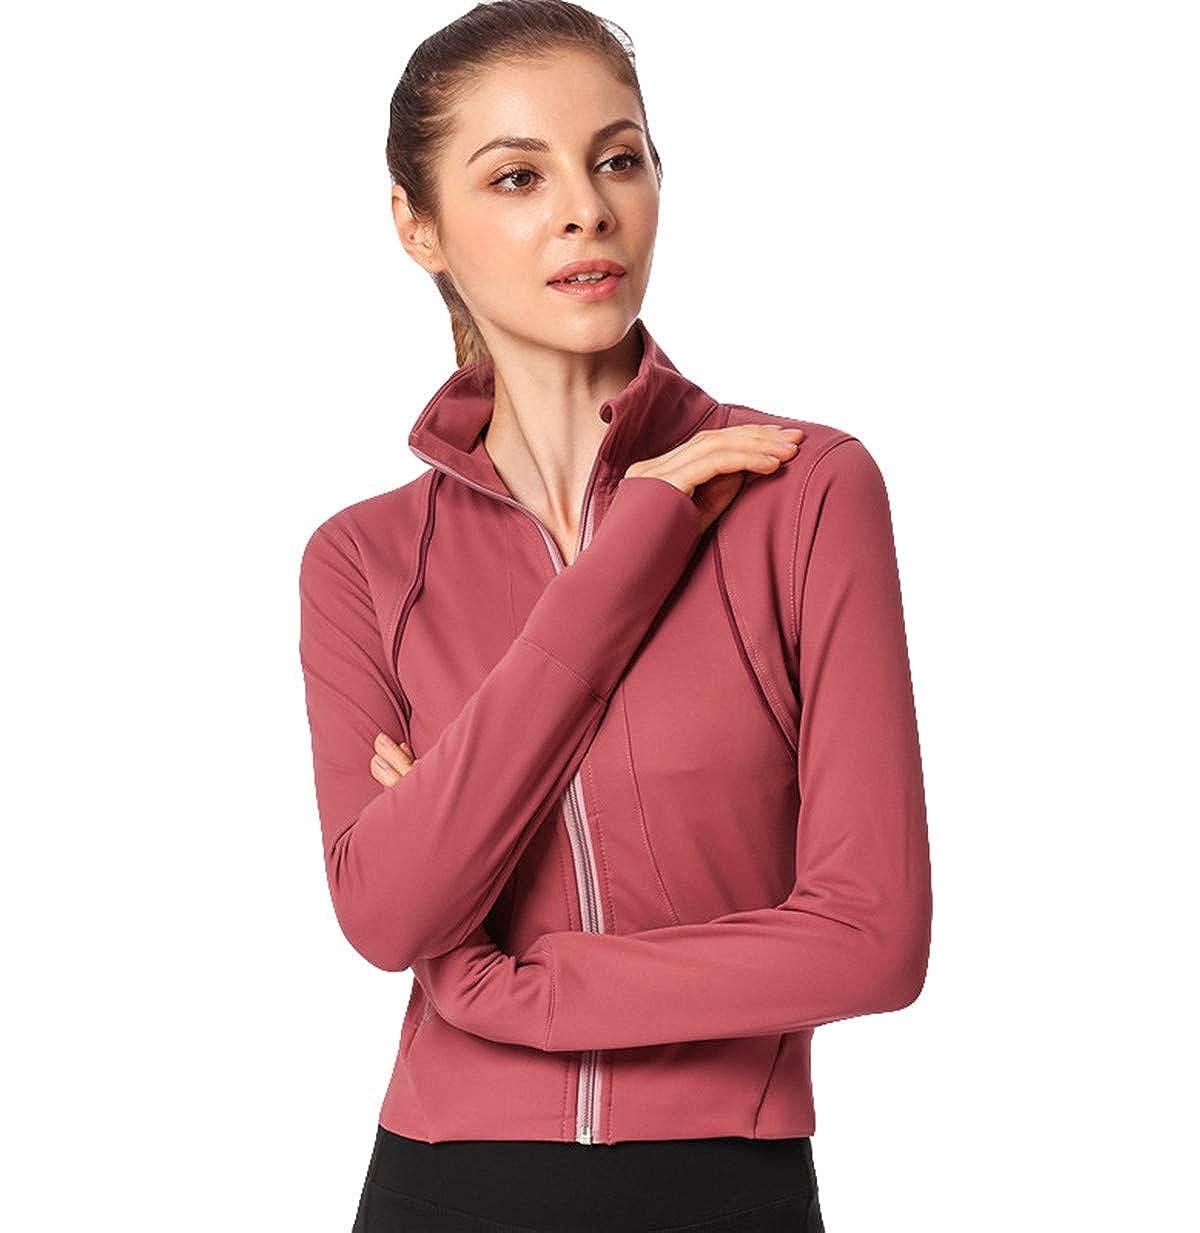 Junebao Sweatshirt Running Collar de pie Tops Elegante Flexible Ropa Fitness Secado rapido Ropa De Deporte Casual Mujer Sudadera para Primavera con Bolsillos